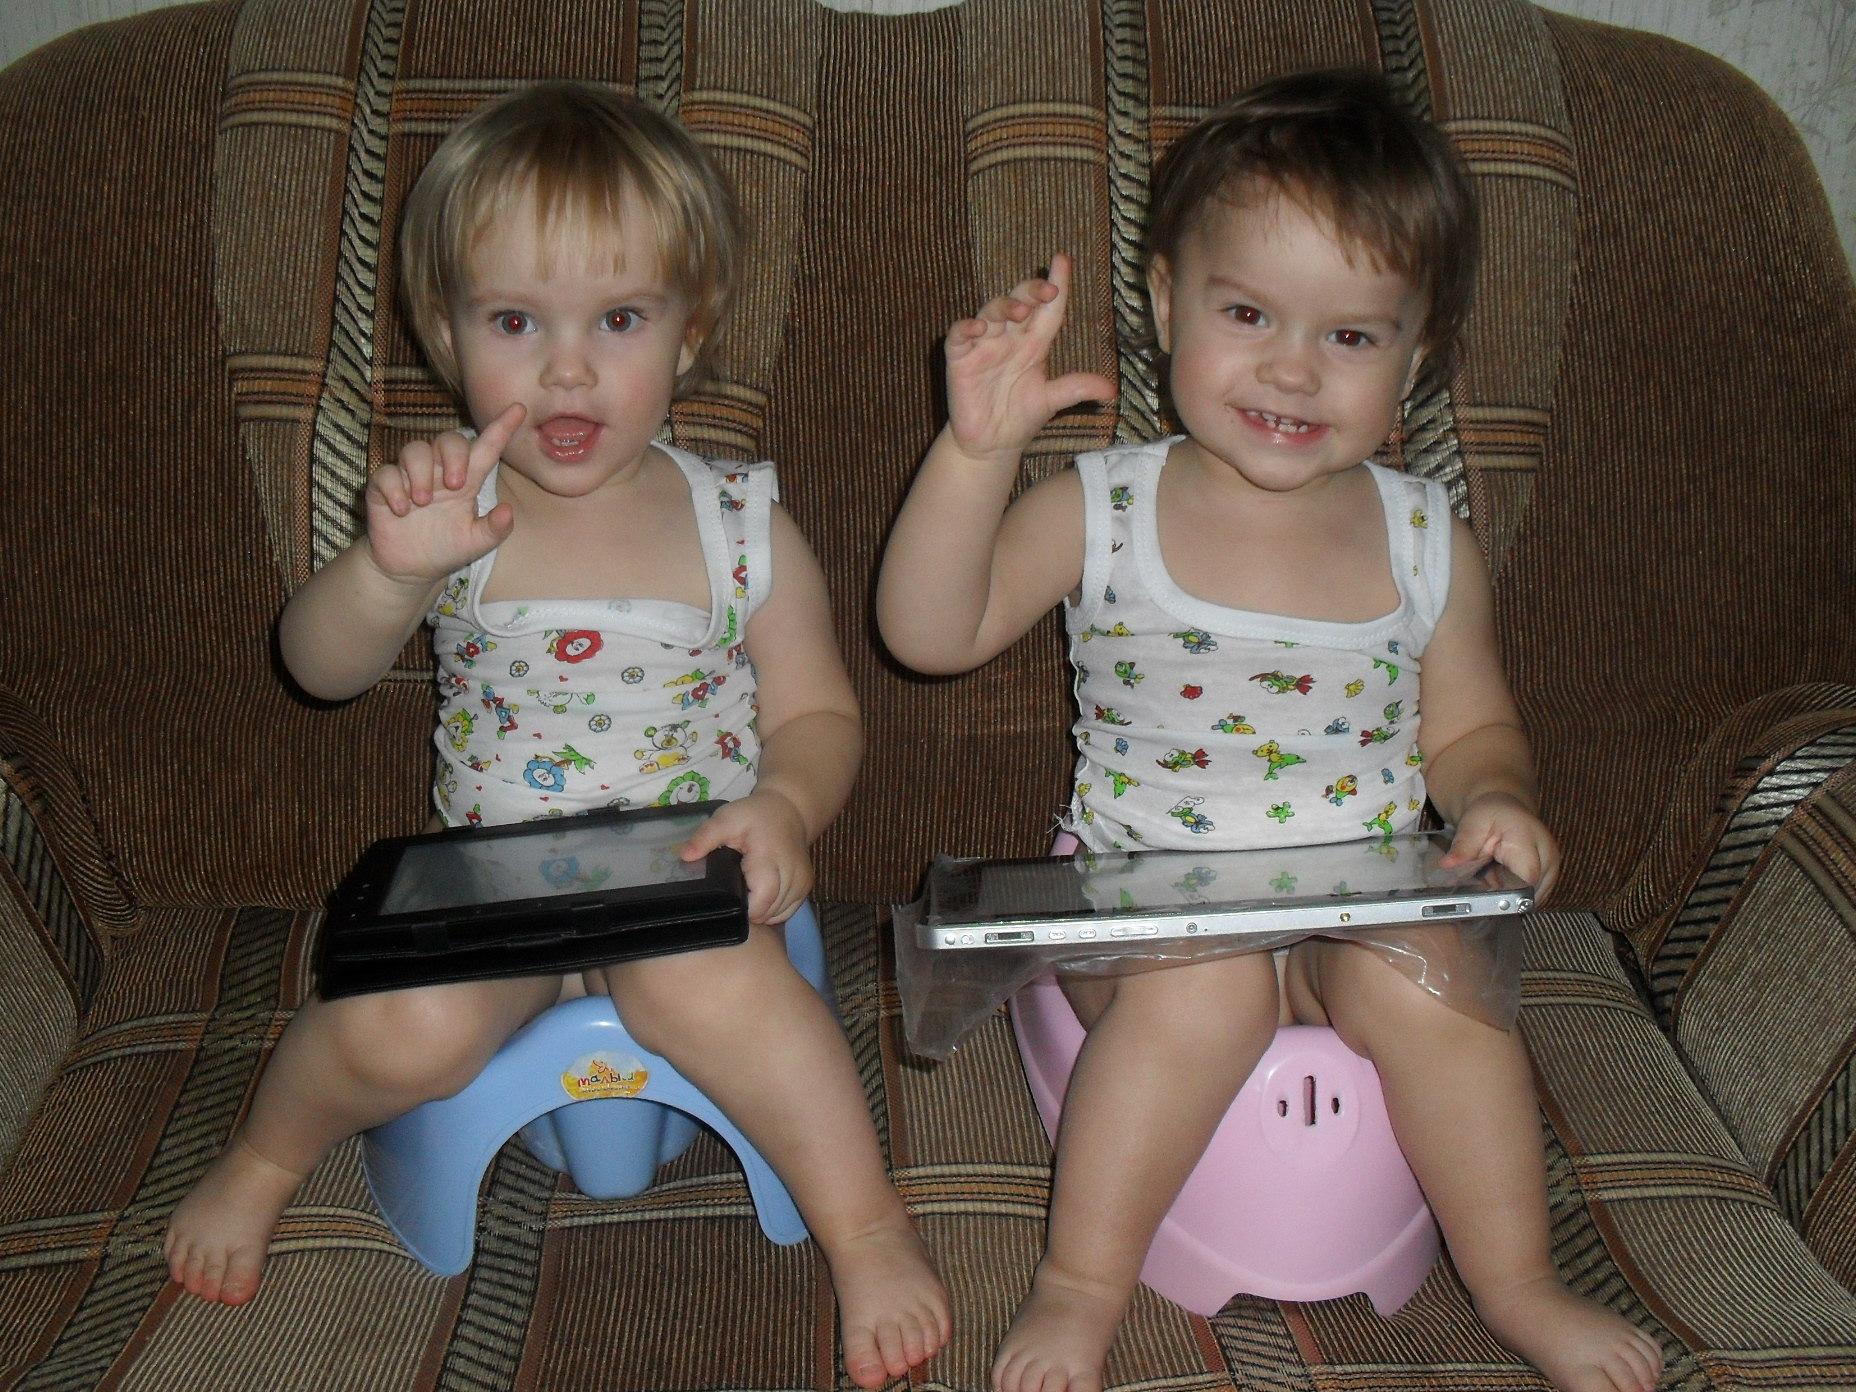 Фото маленька девочка и ее пися, Девочка созрела? Самые скандальные фотосессии юных 3 фотография